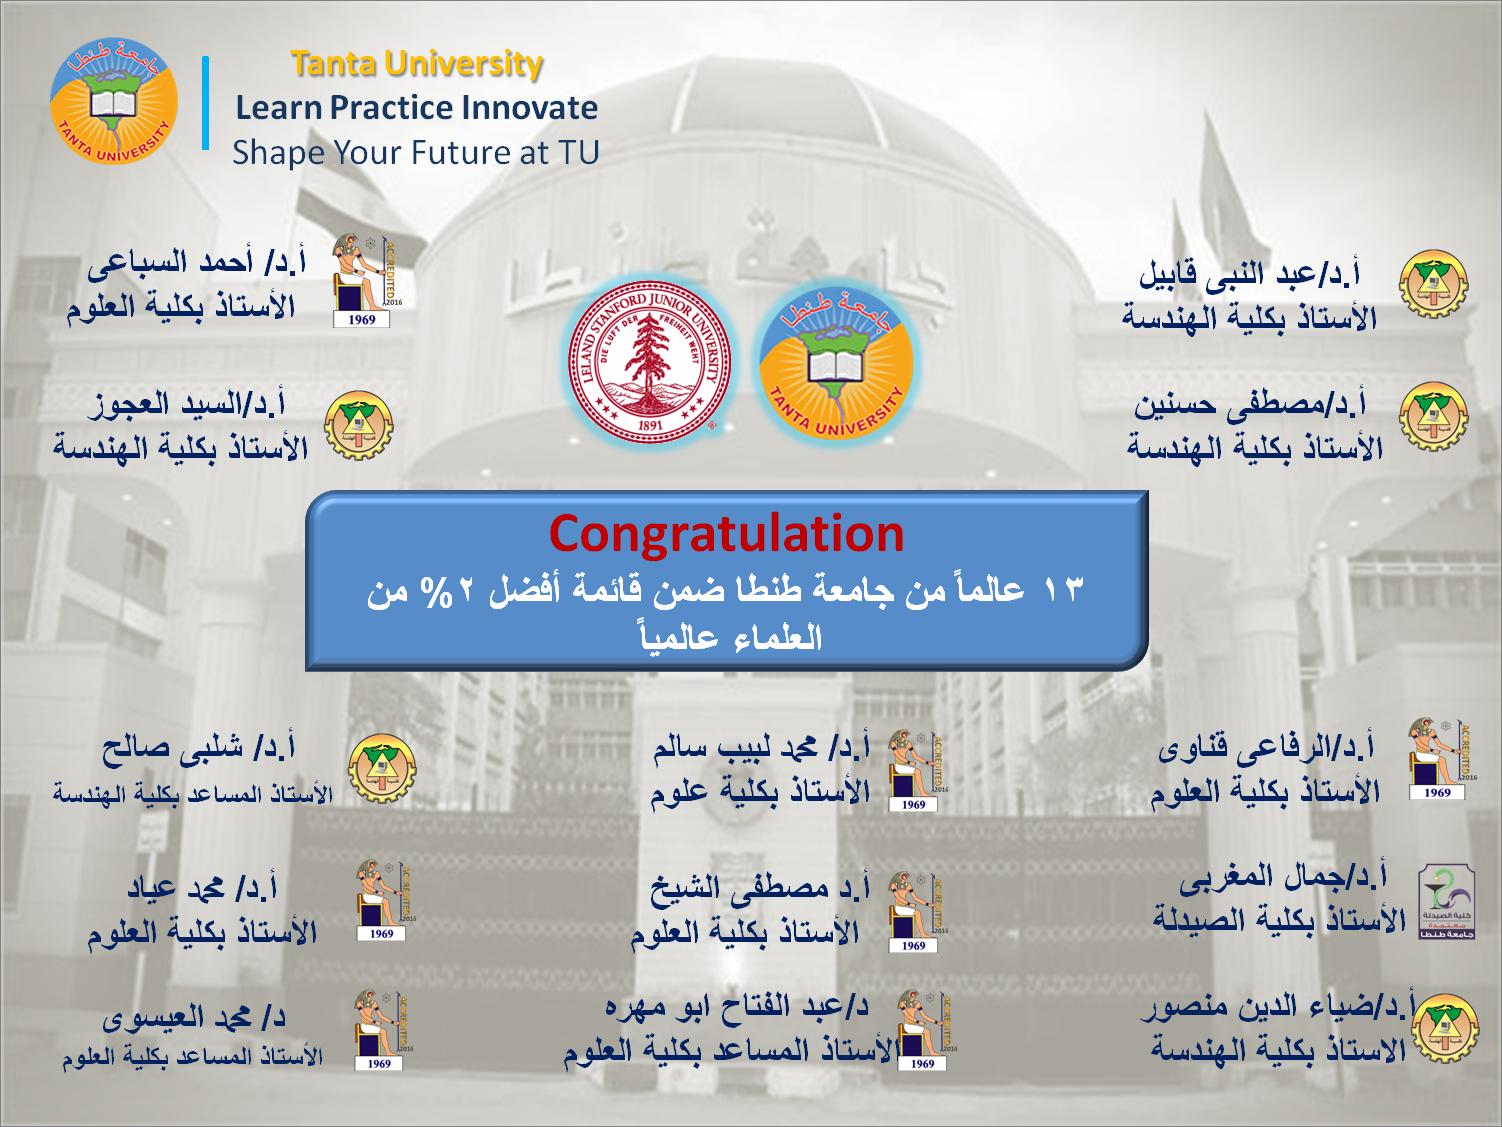 13 عالماً من جامعة طنطا ضمن قائمة أفضل 2% من العلماء عالميًا